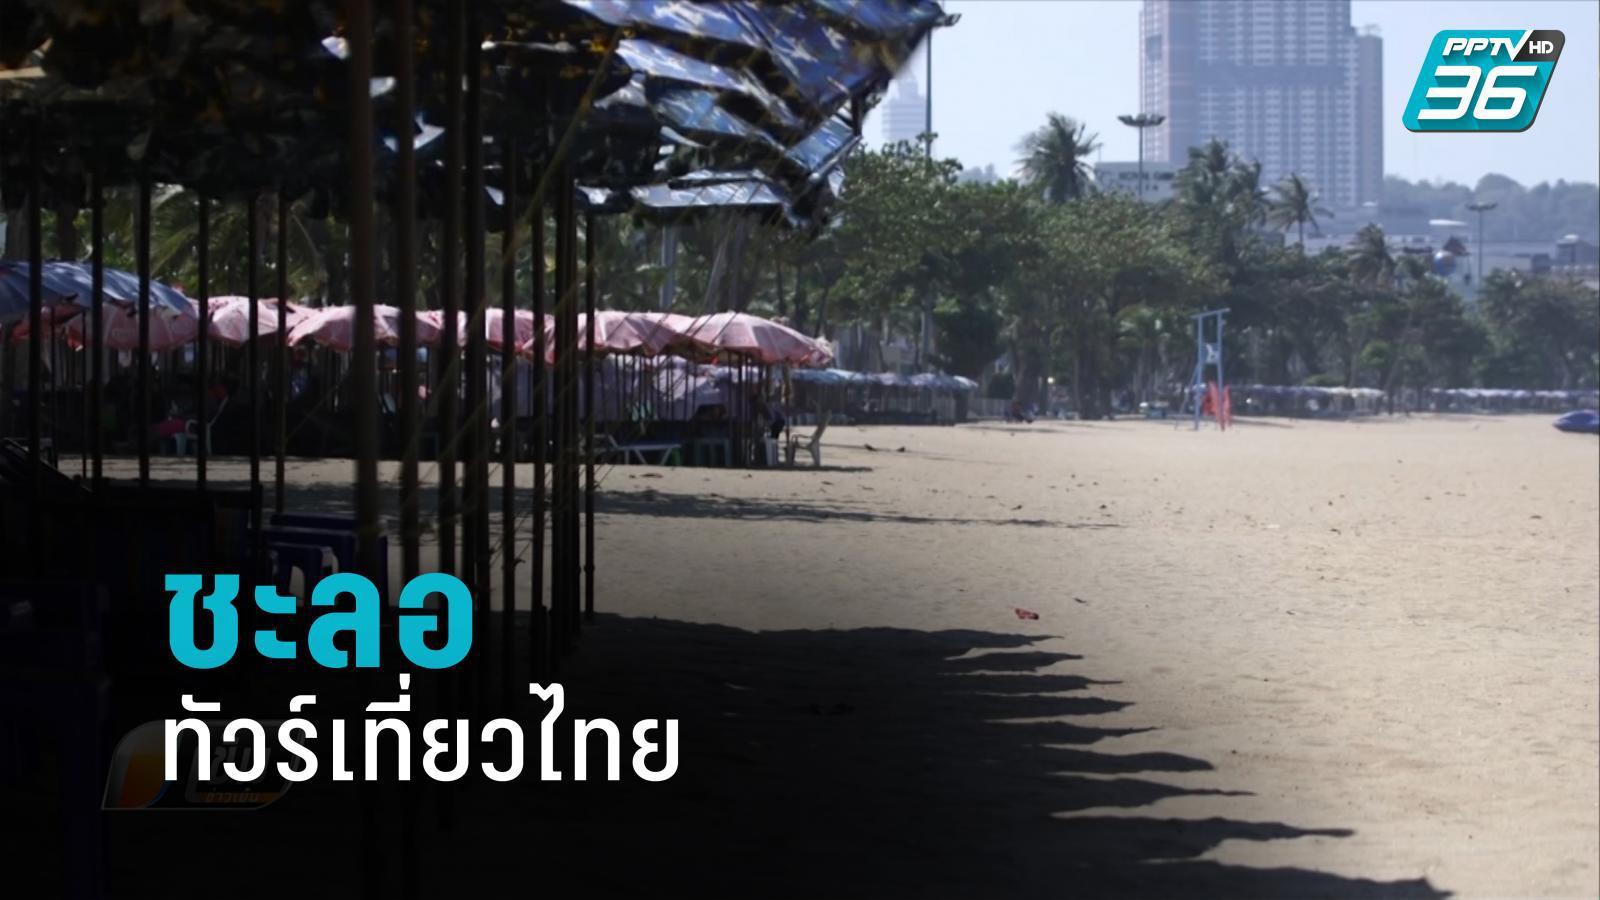 ชะลอ เราเที่ยวด้วยกัน เฟส 3-ทัวร์เที่ยวไทย